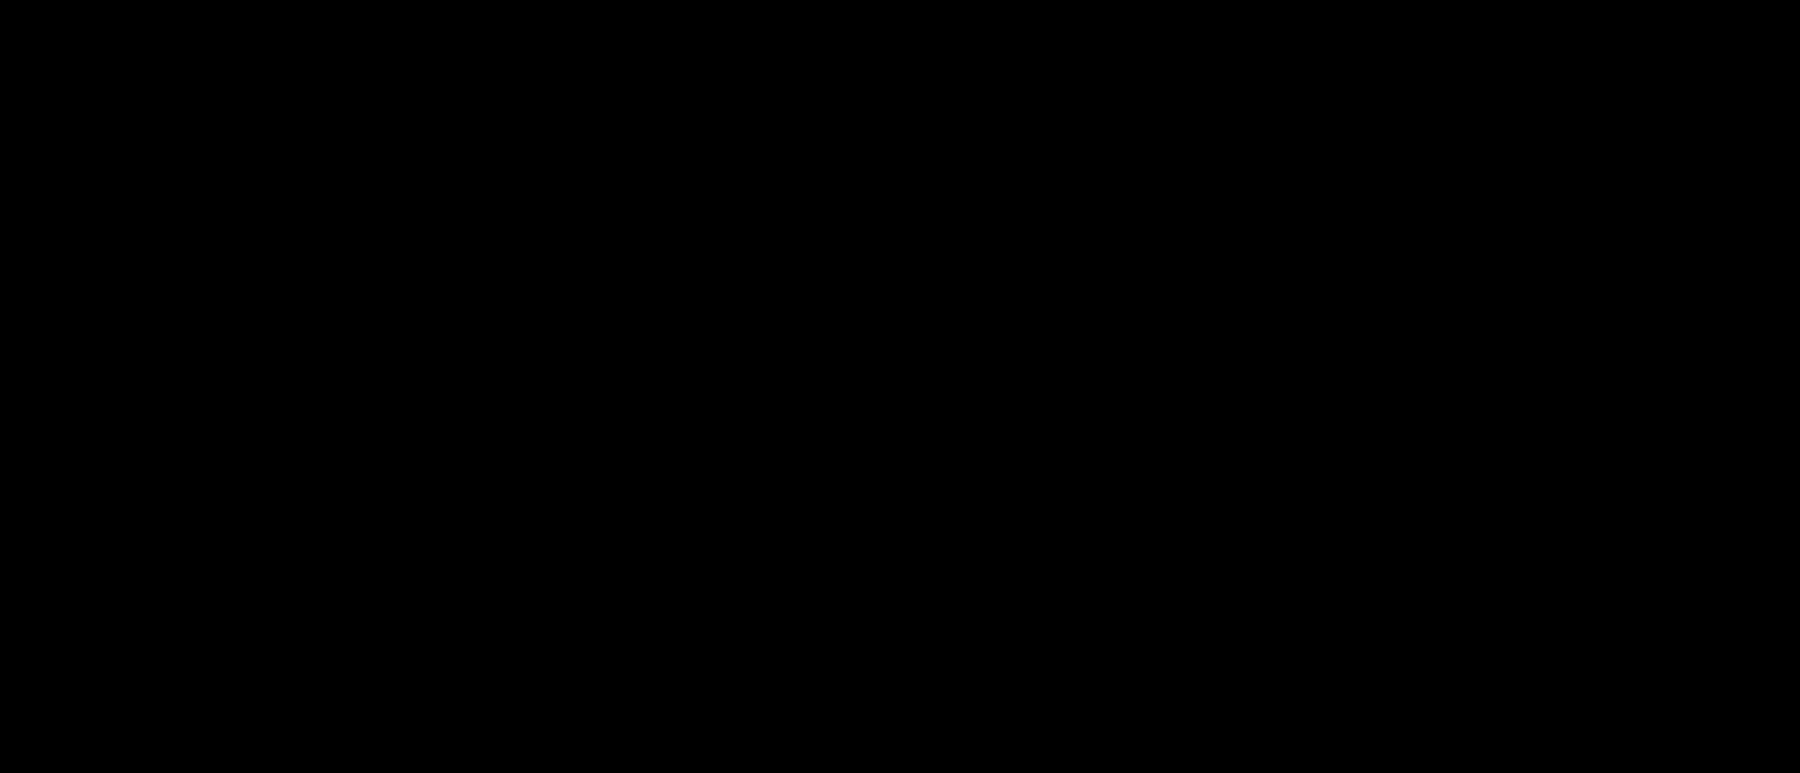 GEQ DRILLMAX2000 Spec Drawing